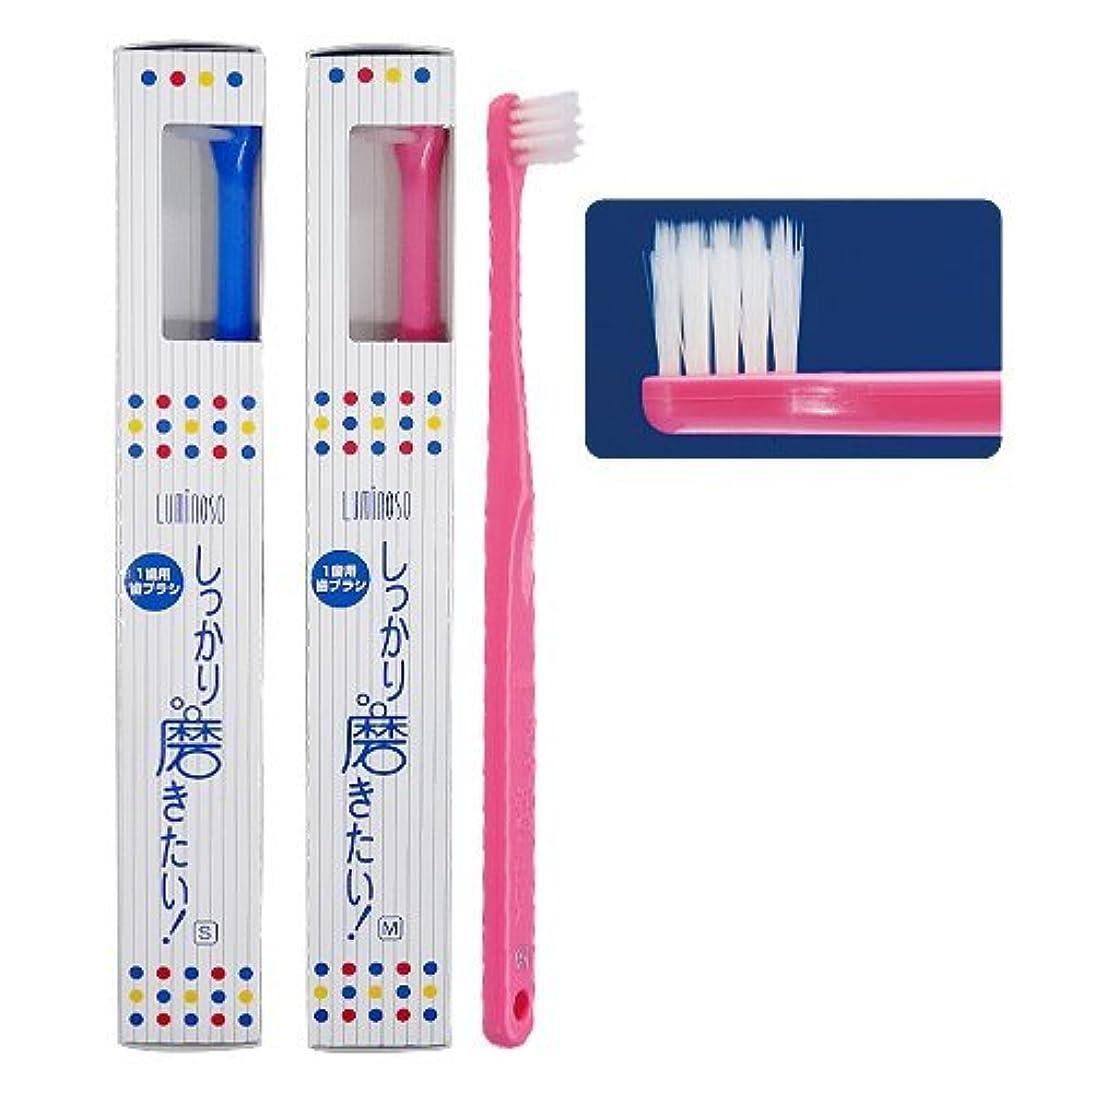 あごひげ優れました手当ルミノソ 1歯用歯ブラシ「しっかり磨きたい!」スタンダード ミディアム (カラー指定不可) 5本